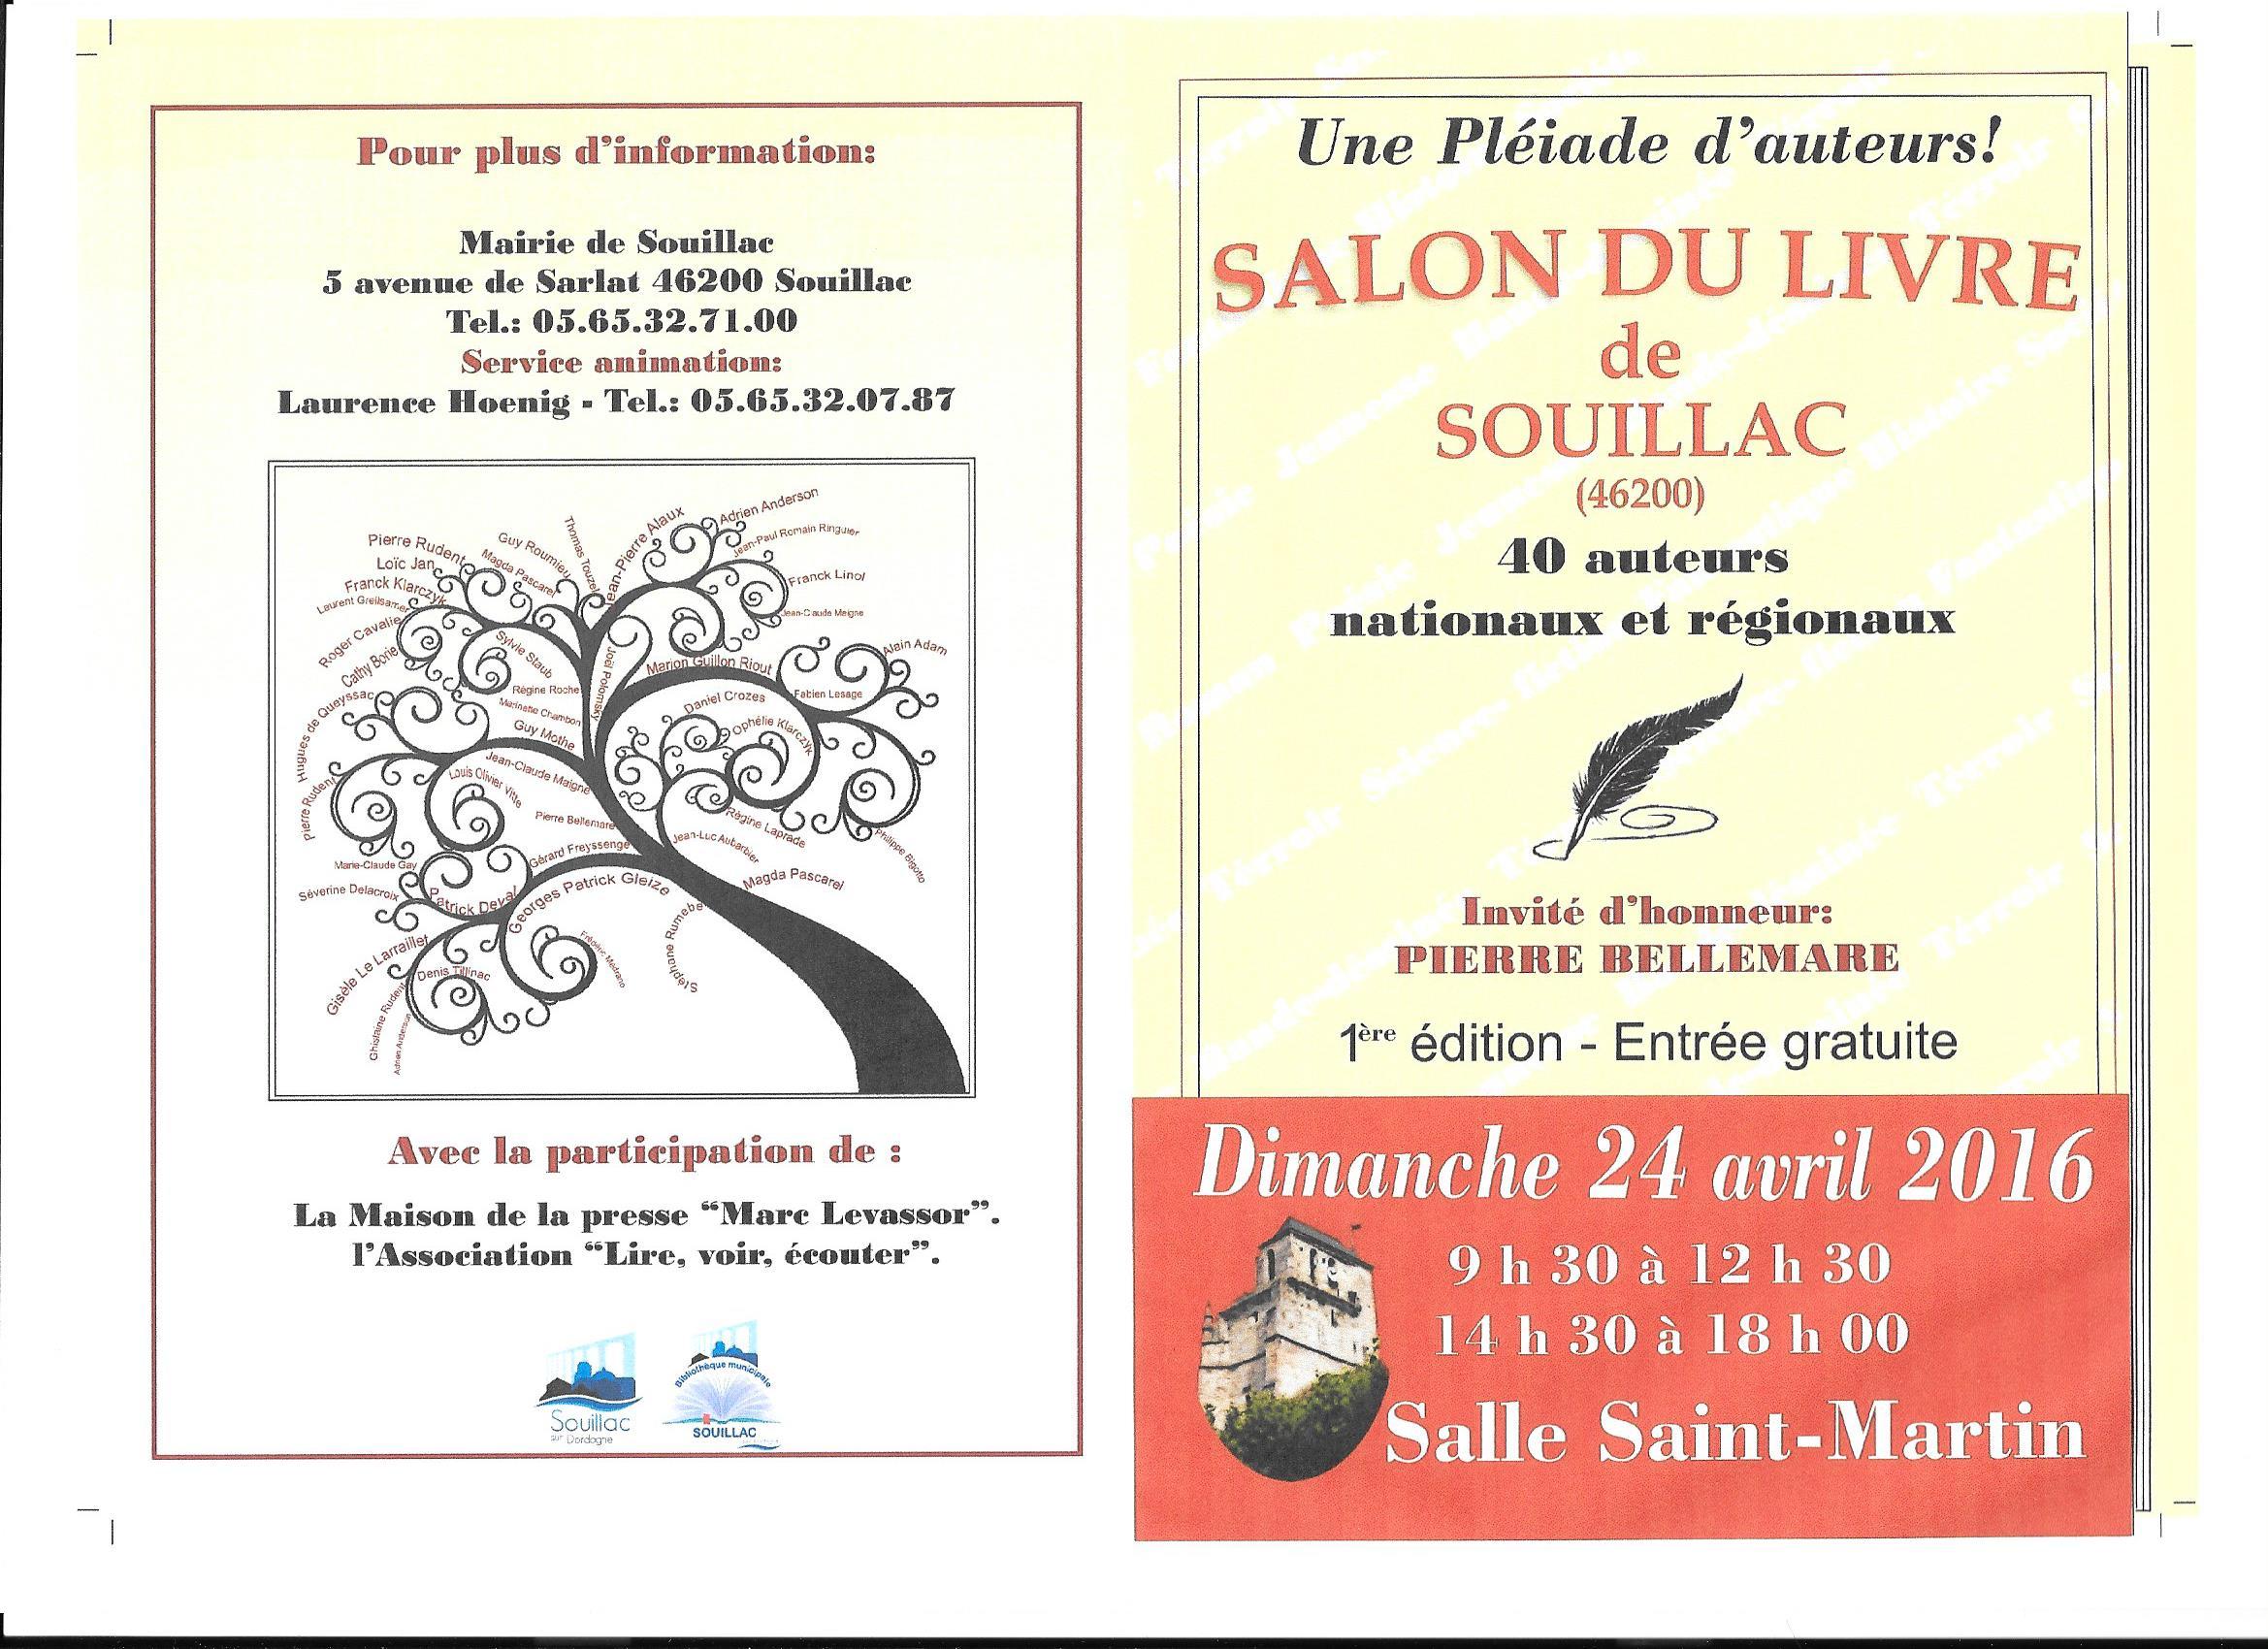 Salon du livre de souillac 24 avril 2016 jean luc - Salon du livre de brive ...